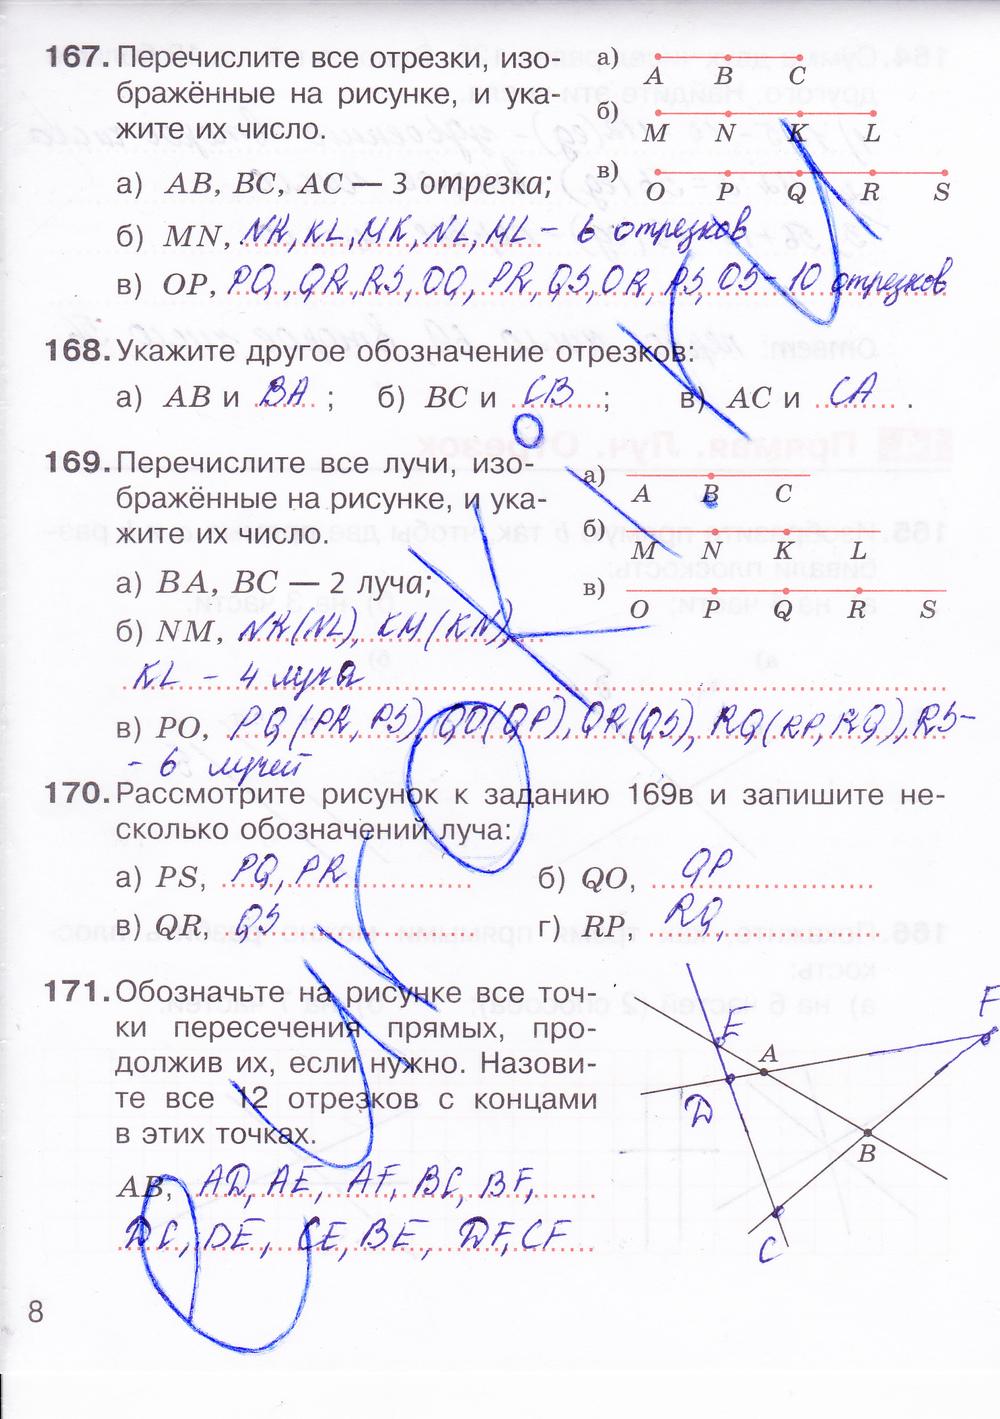 ГДЗ по математике 5 класс рабочая тетрадь Потапов, Шевкин К учебнику Никольского Часть 1, 2. Задание: стр. 8